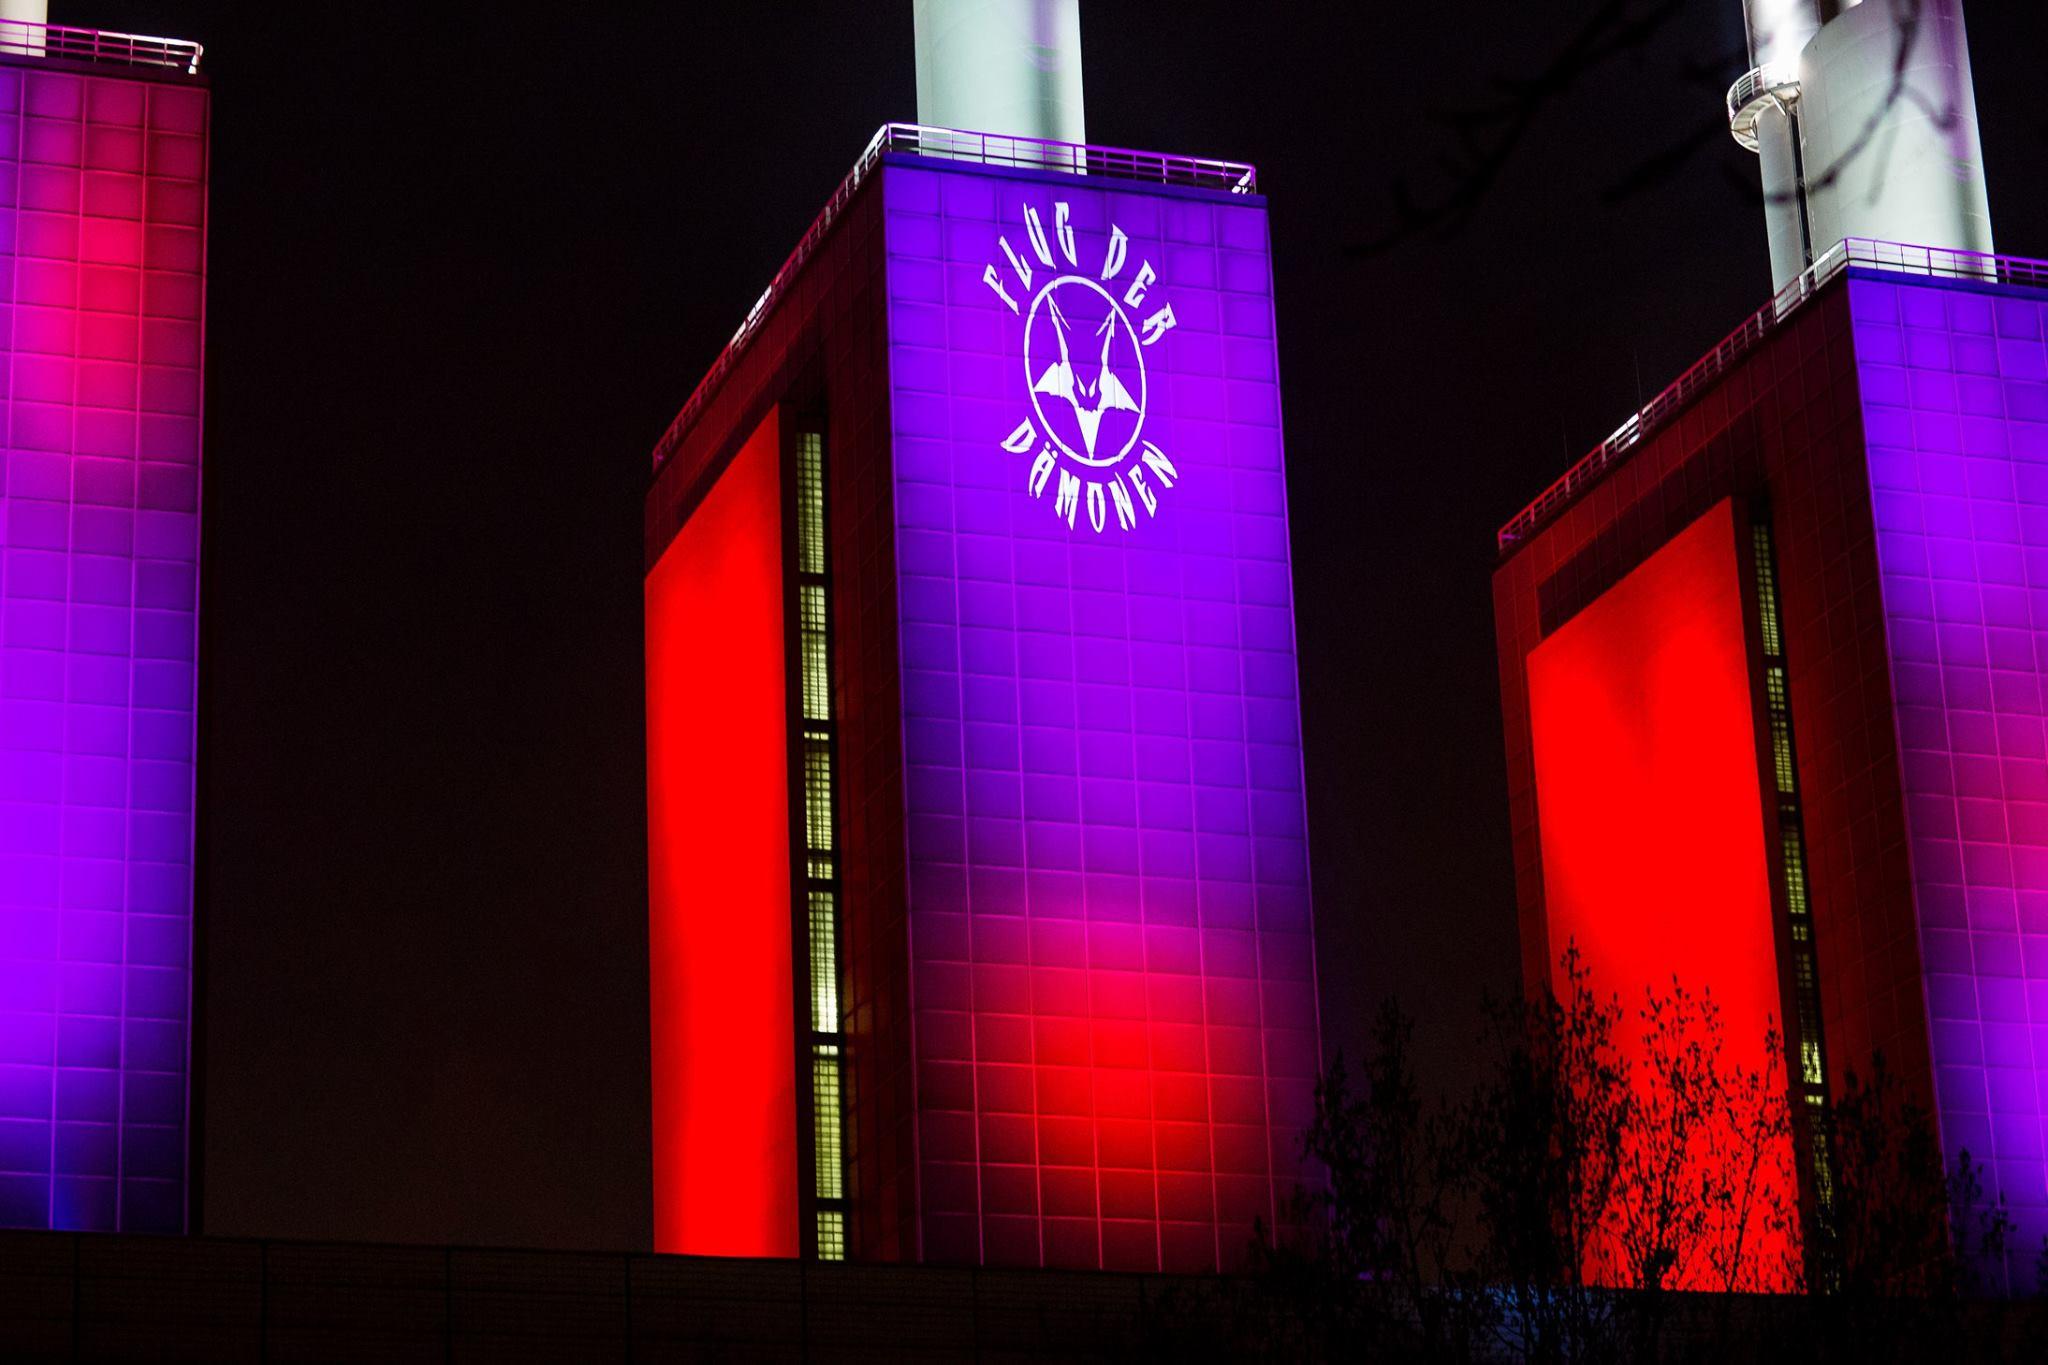 Sowieso illuminierte Industriegebäude haben einen weiteren Blickfang erhalten